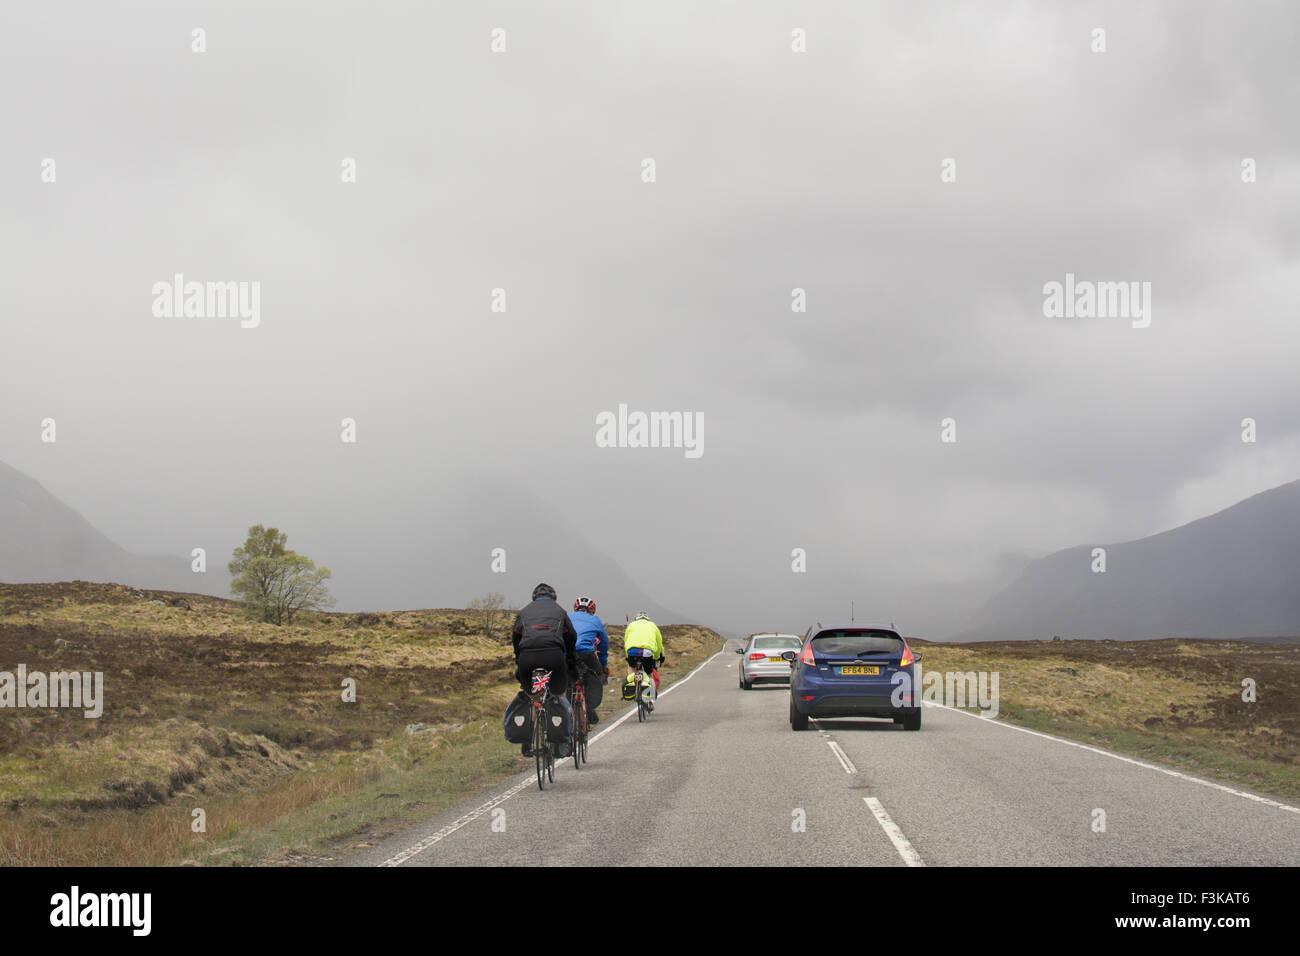 Les cyclistes voitures donnant beaucoup d'espace car ils doubler sur l'A82 route à travers Glencoe, Photo Stock